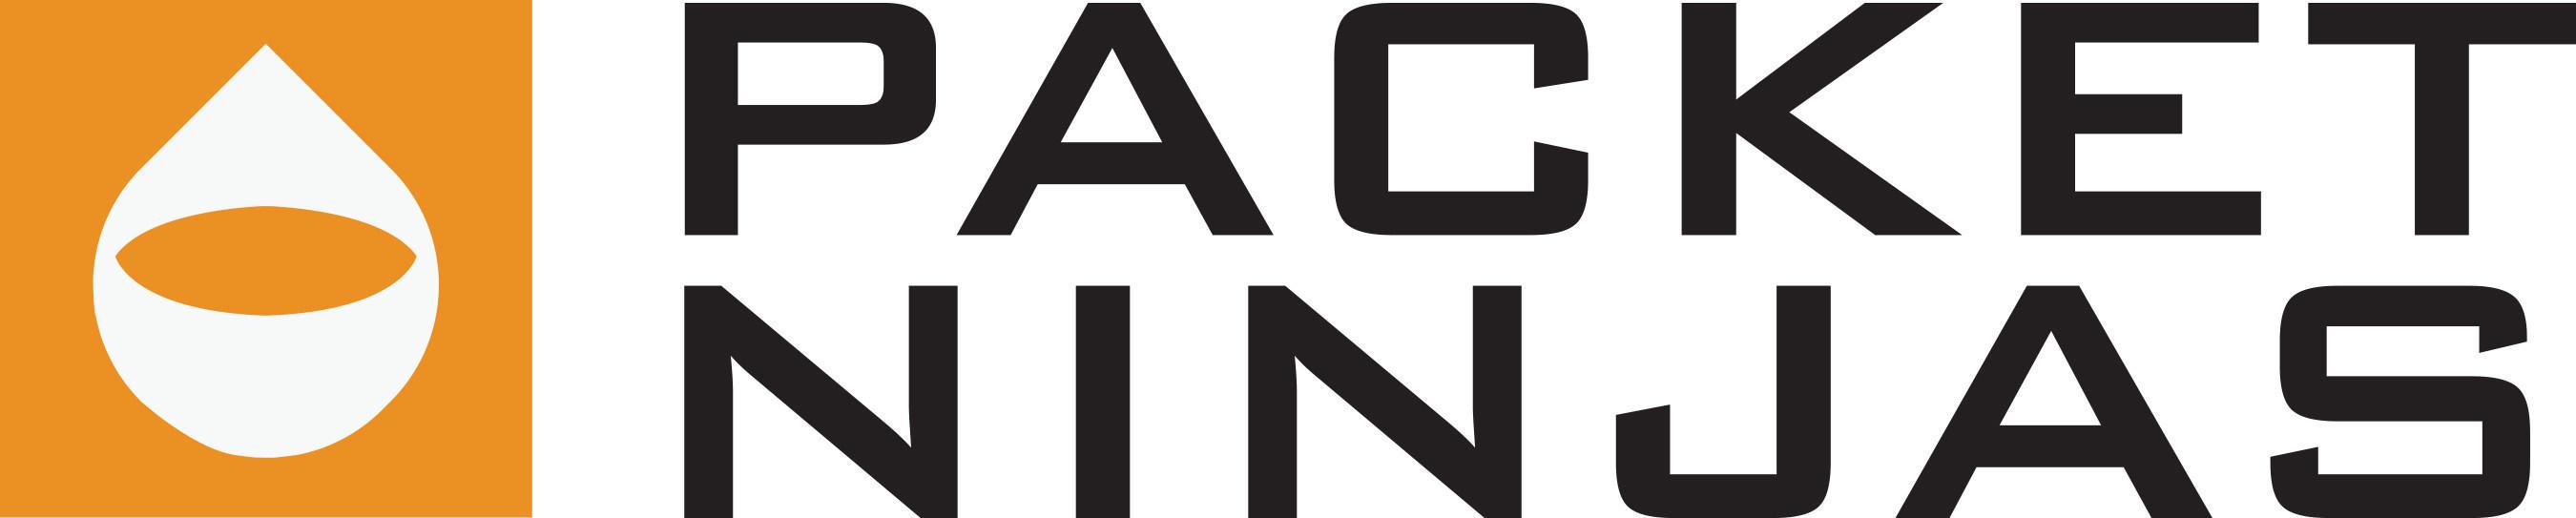 Packet Ninjas Logo